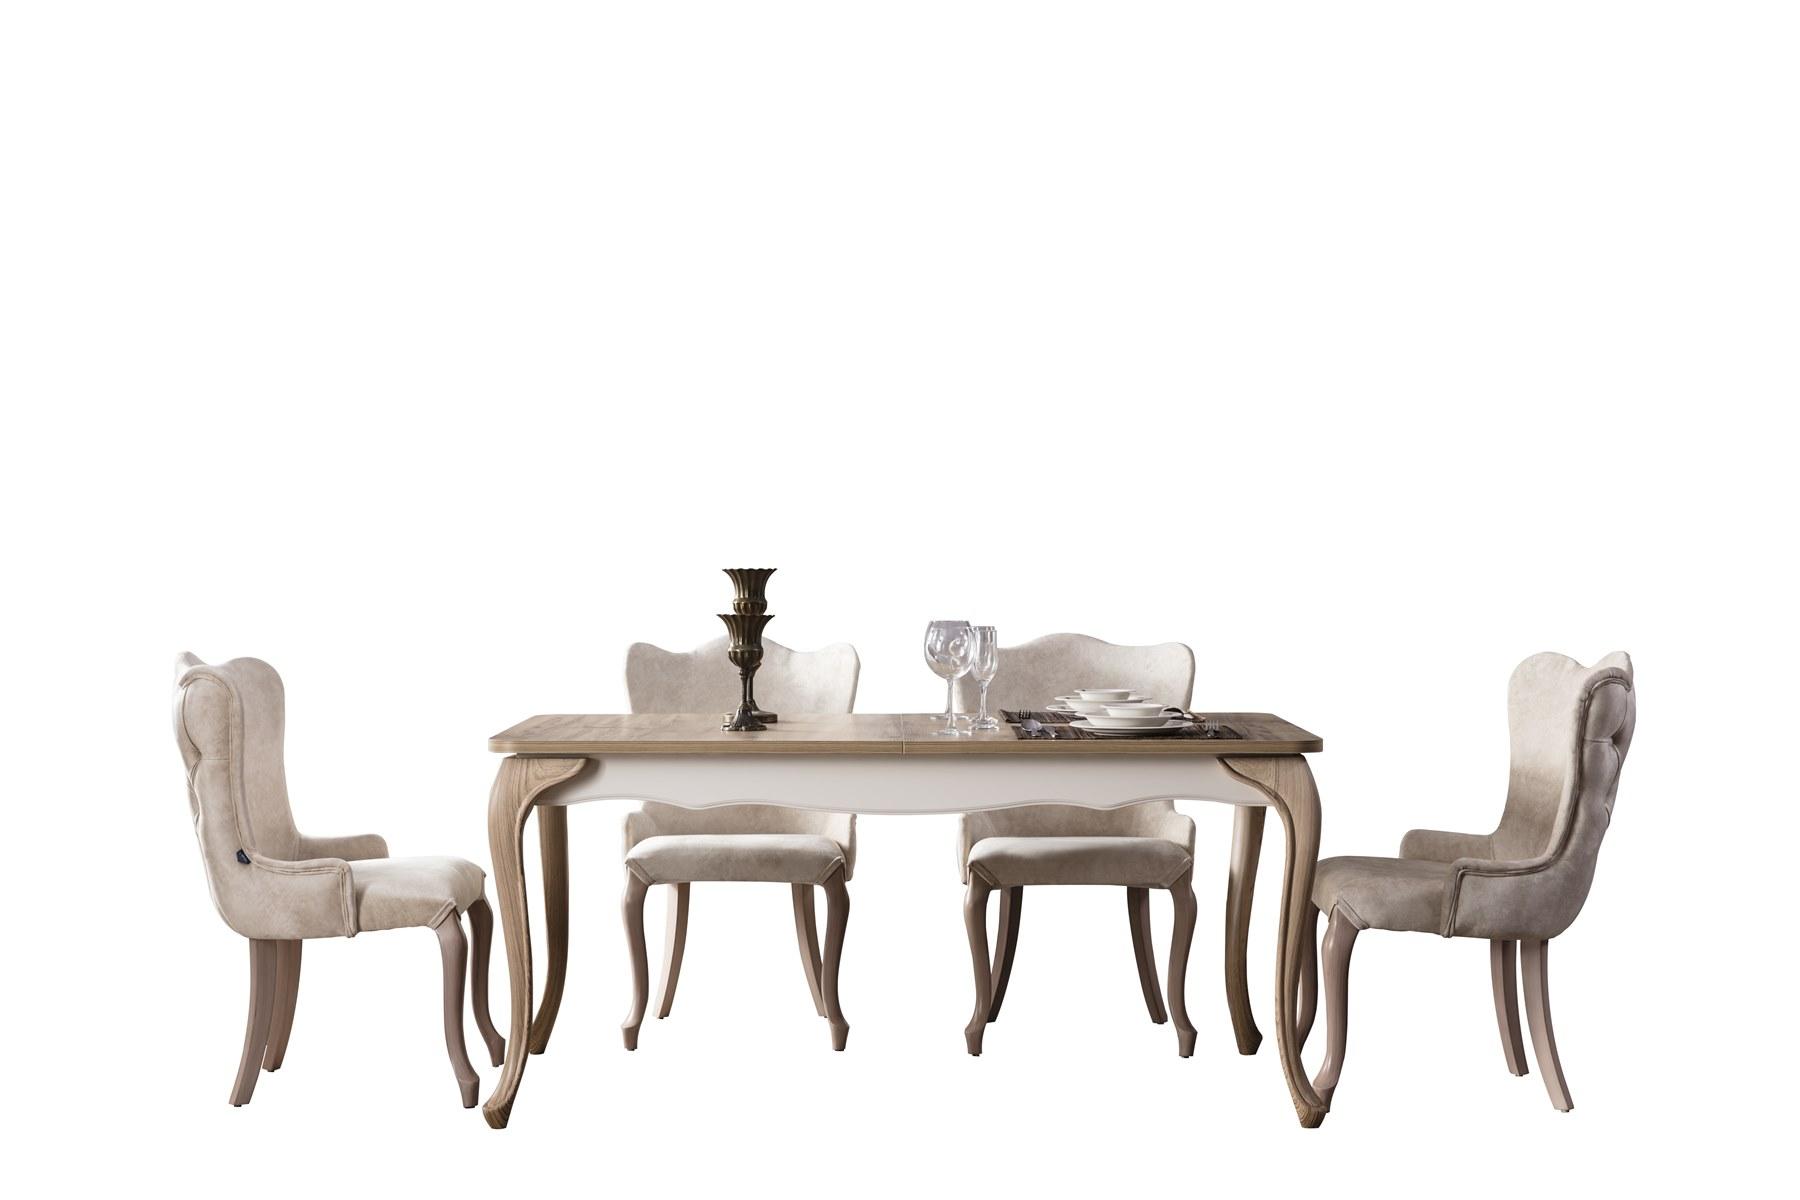 Weltew Esstisch ausziehbar mit 6 Stühlen Balat in Creme